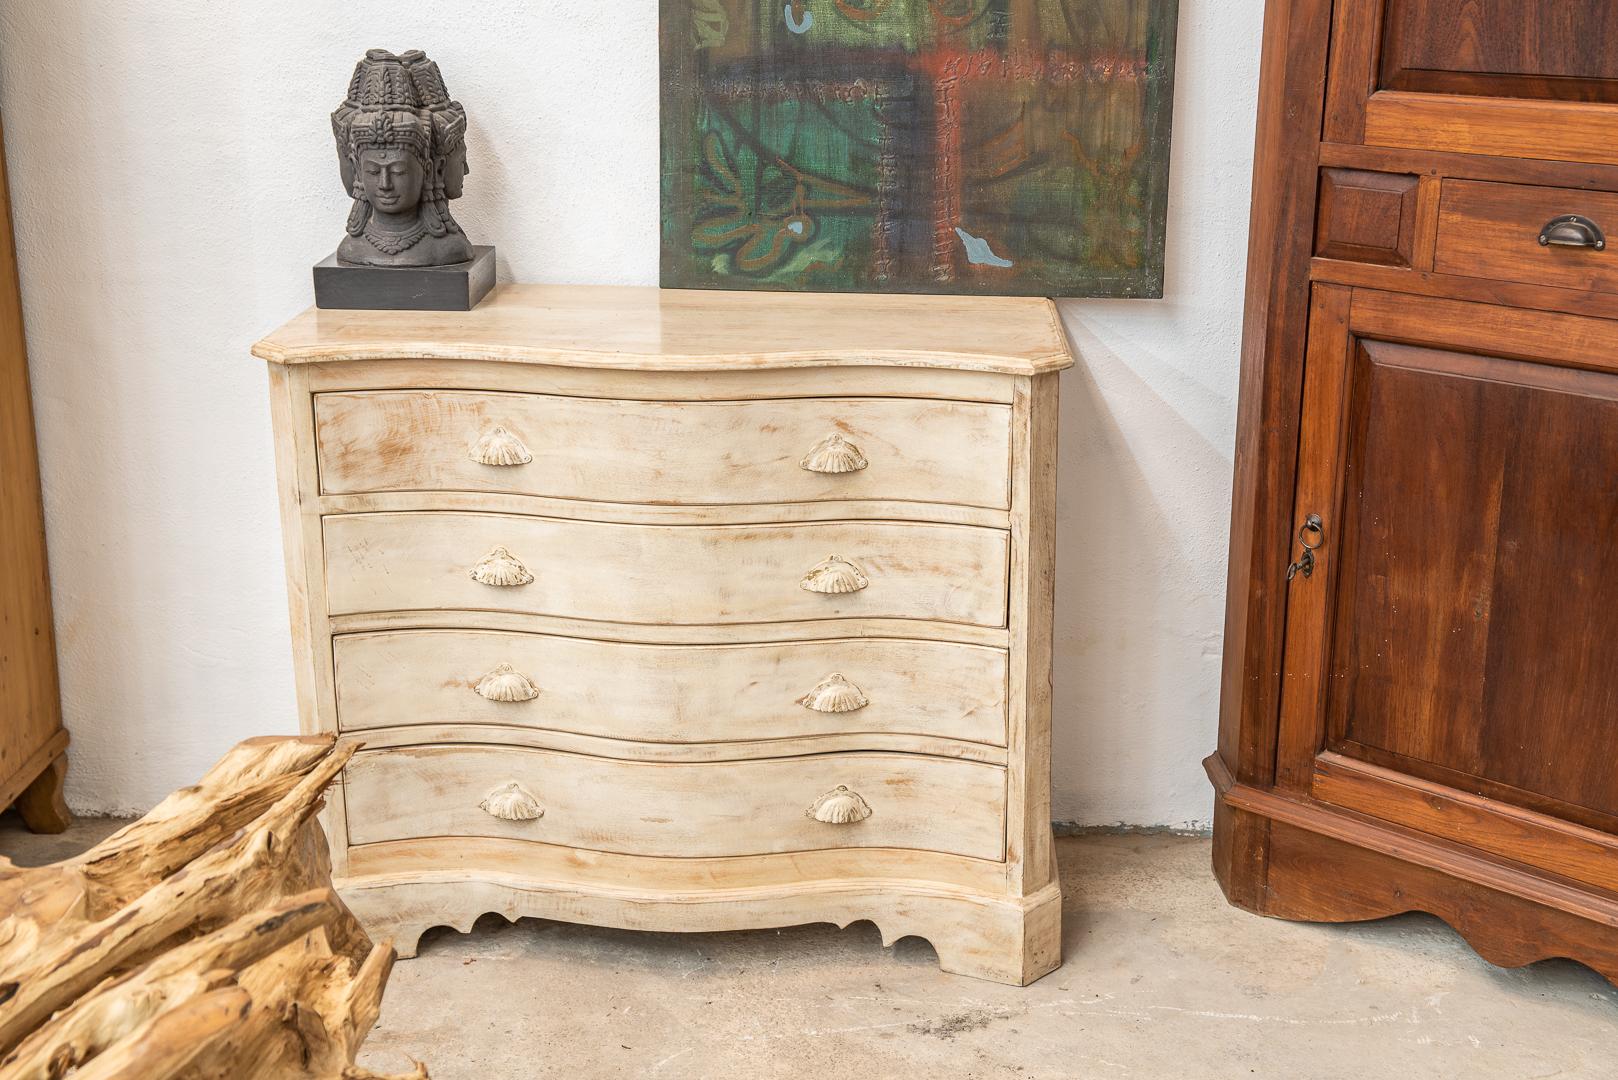 Deko3 apuesta por muebles con estilo